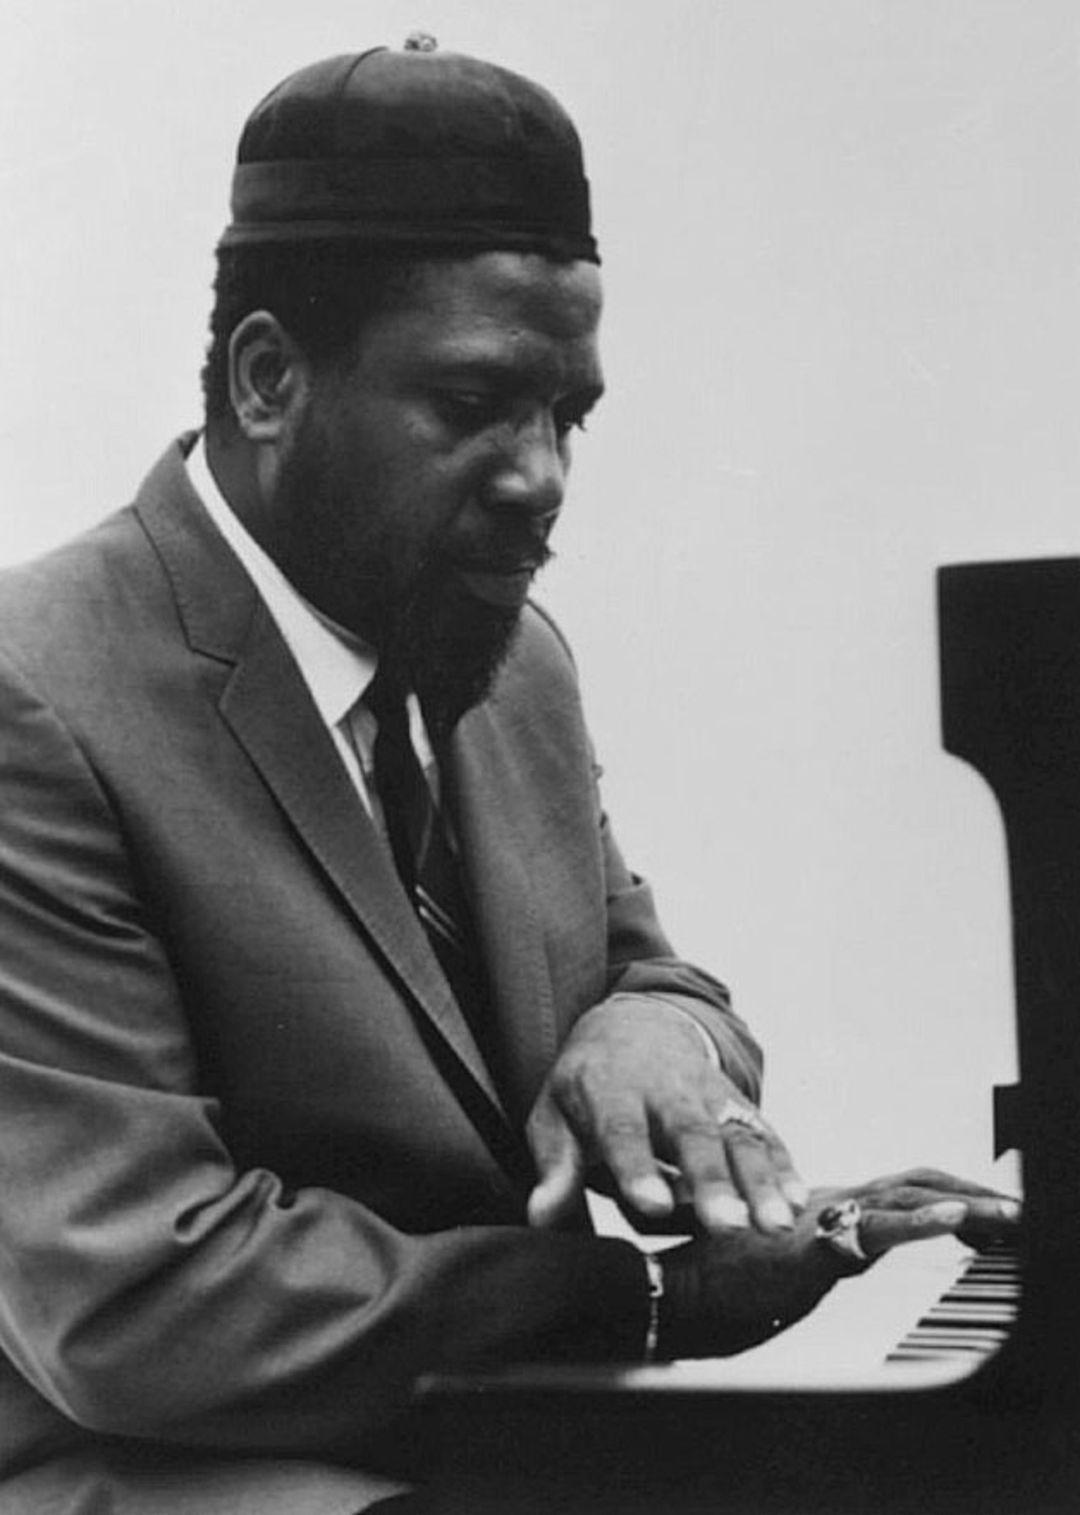 Jazz entre amigos - Thelonious Monk. Parte 1